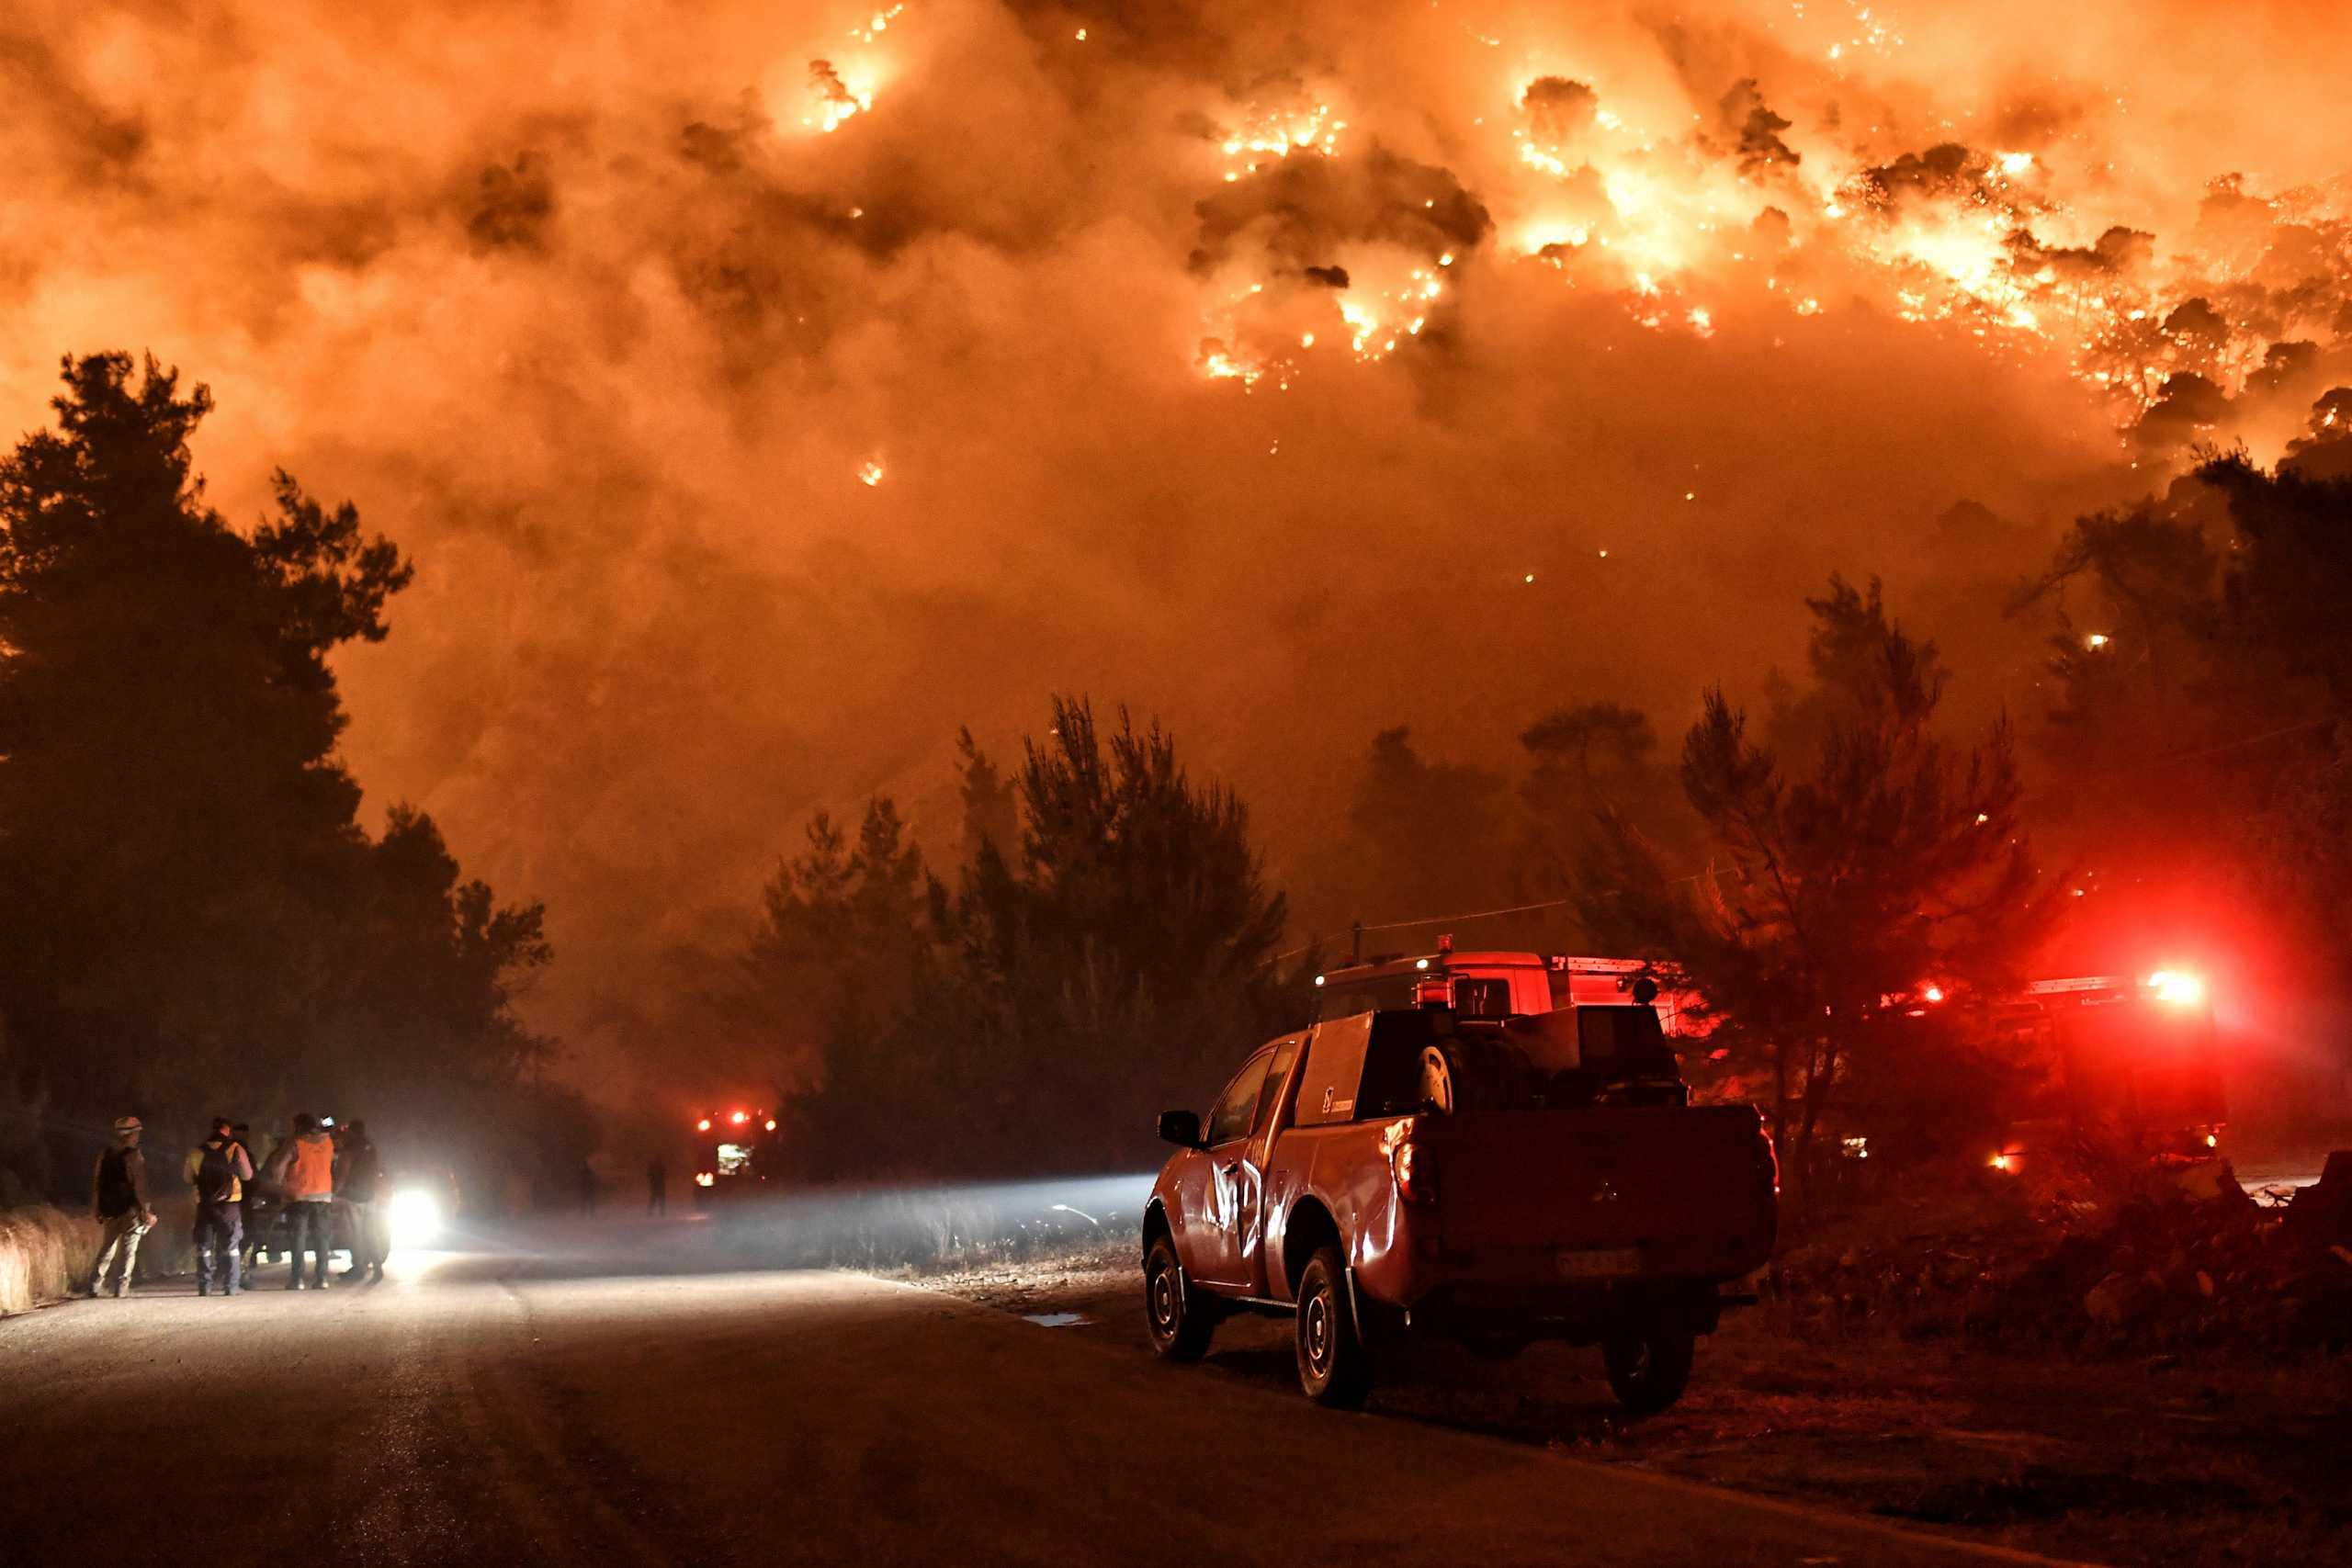 Ιωάννινα: Φωτιά αποτεφρώνει δάσος